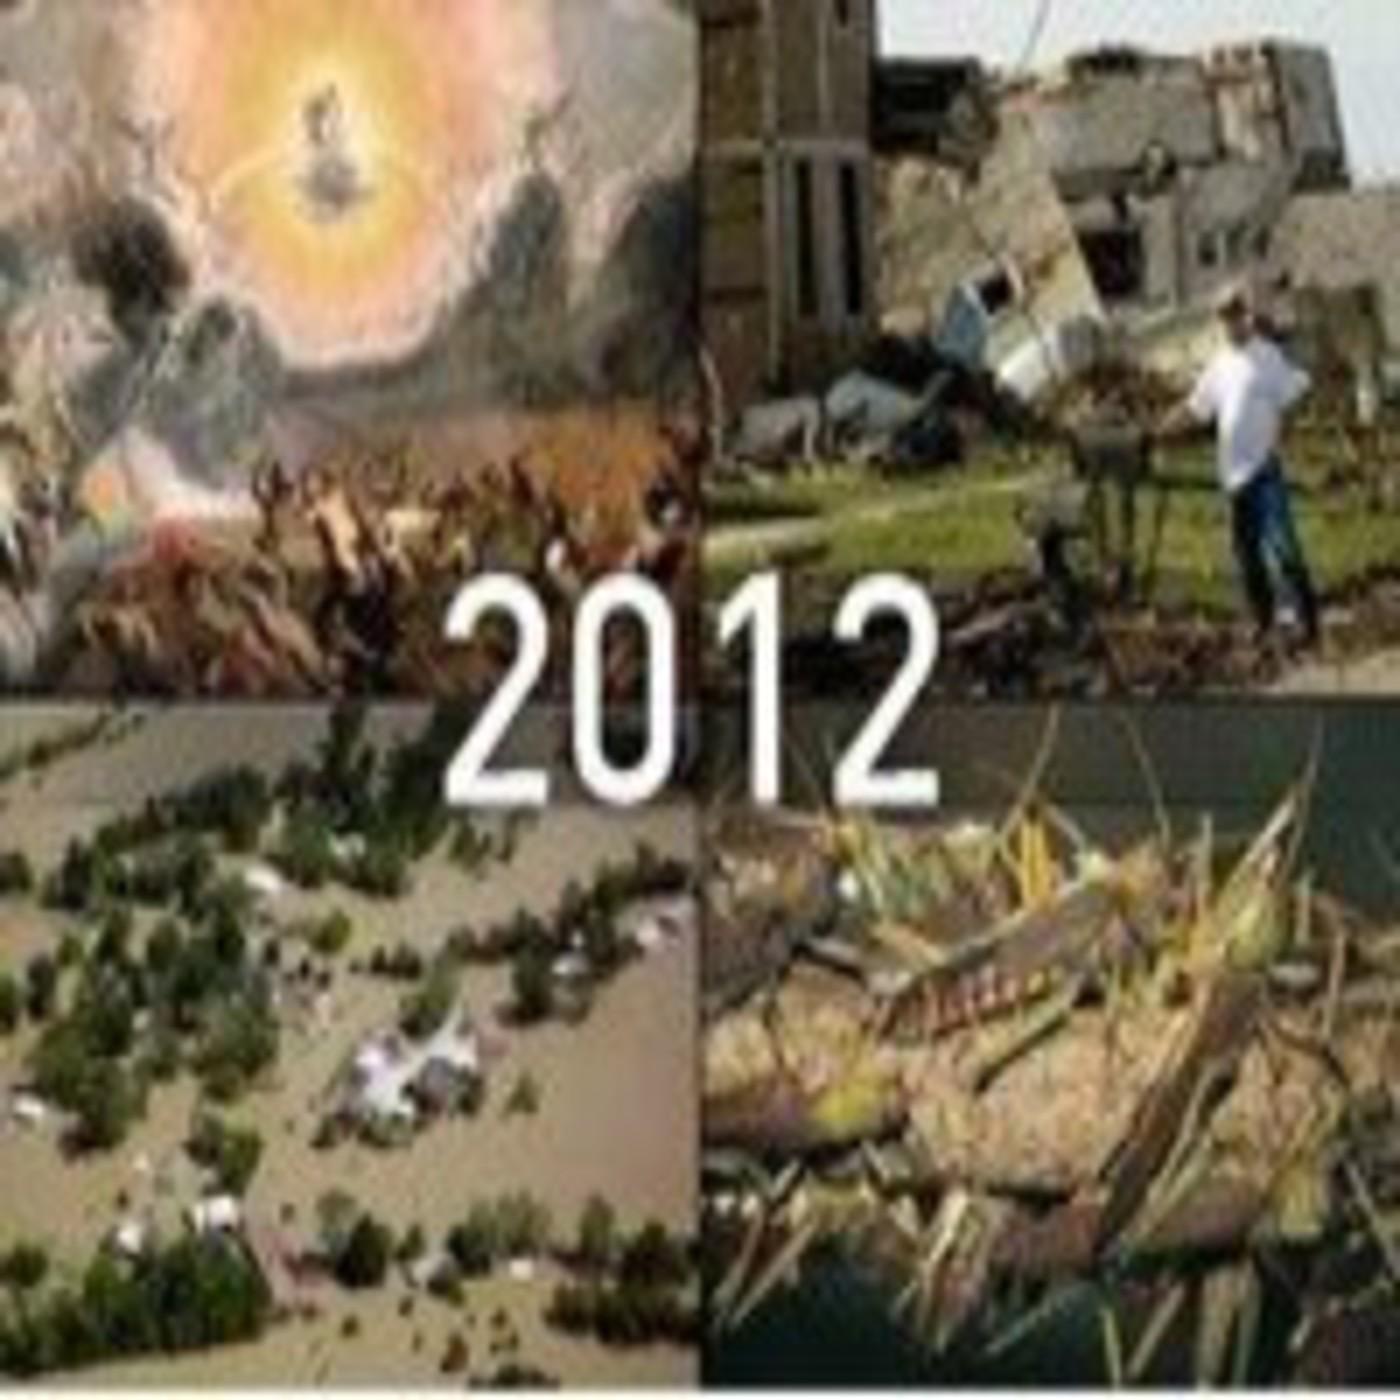 Secretos desclasificados-En el Año 2012